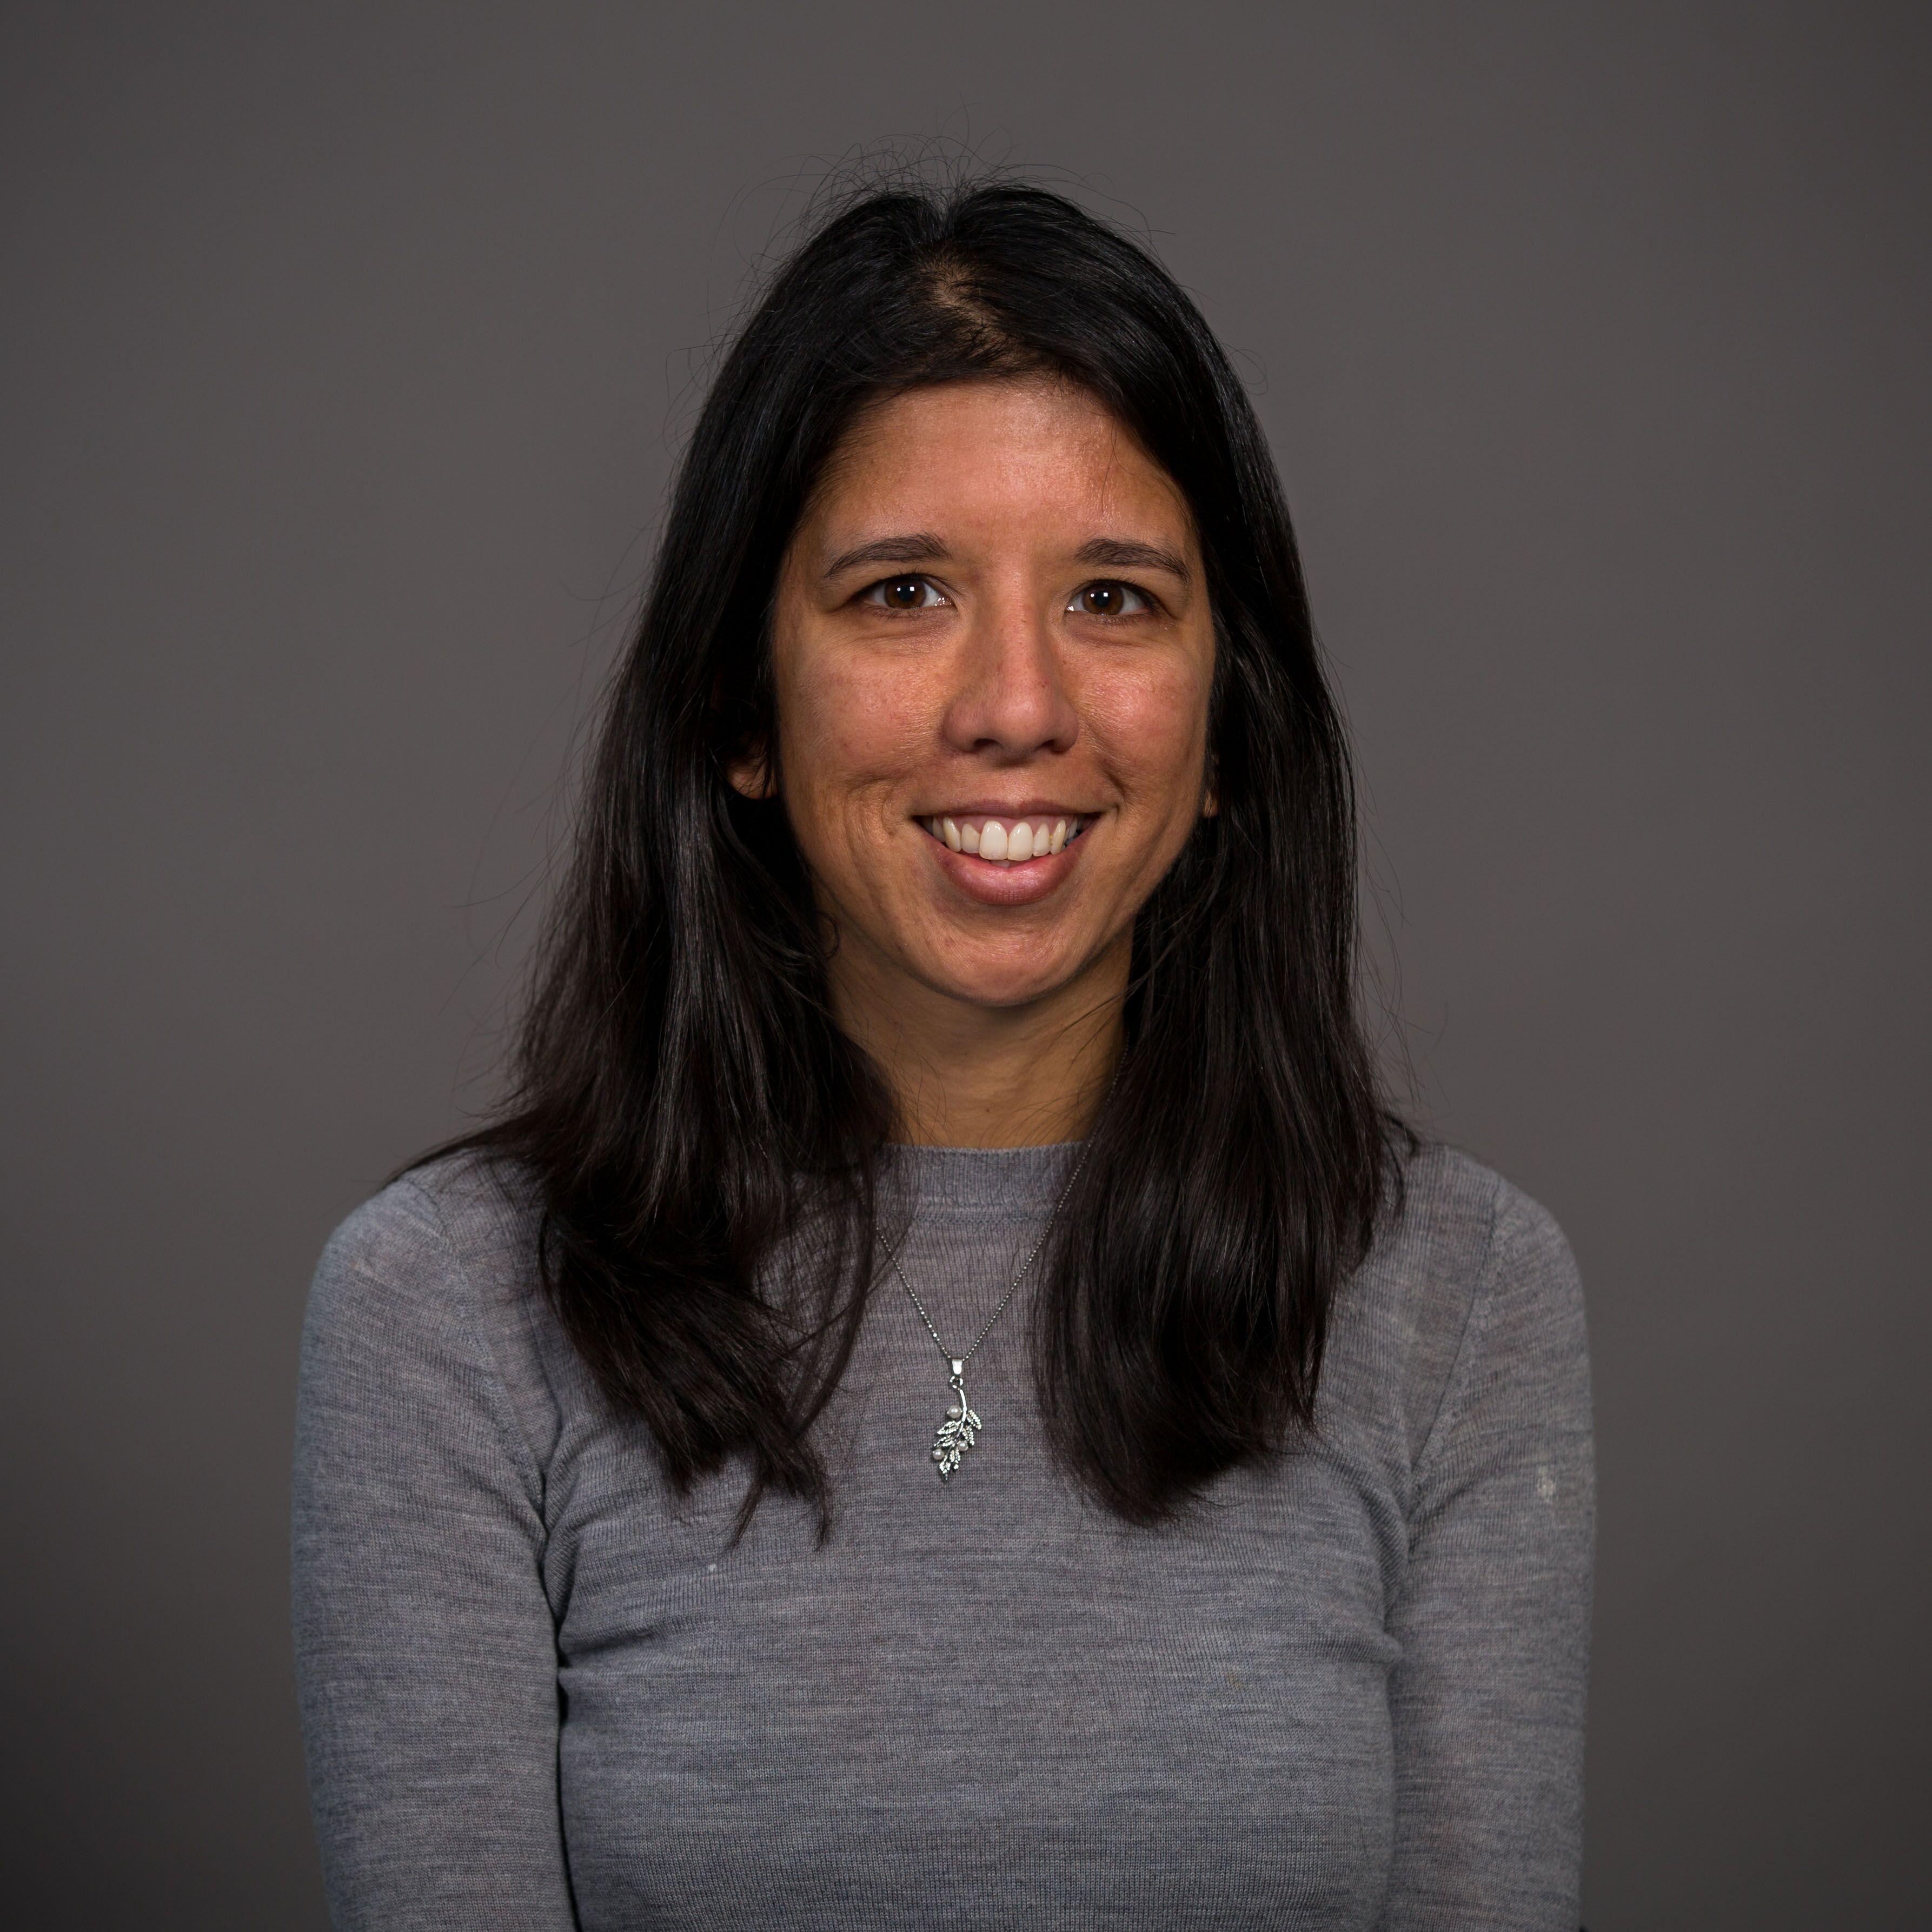 Sunita Groth